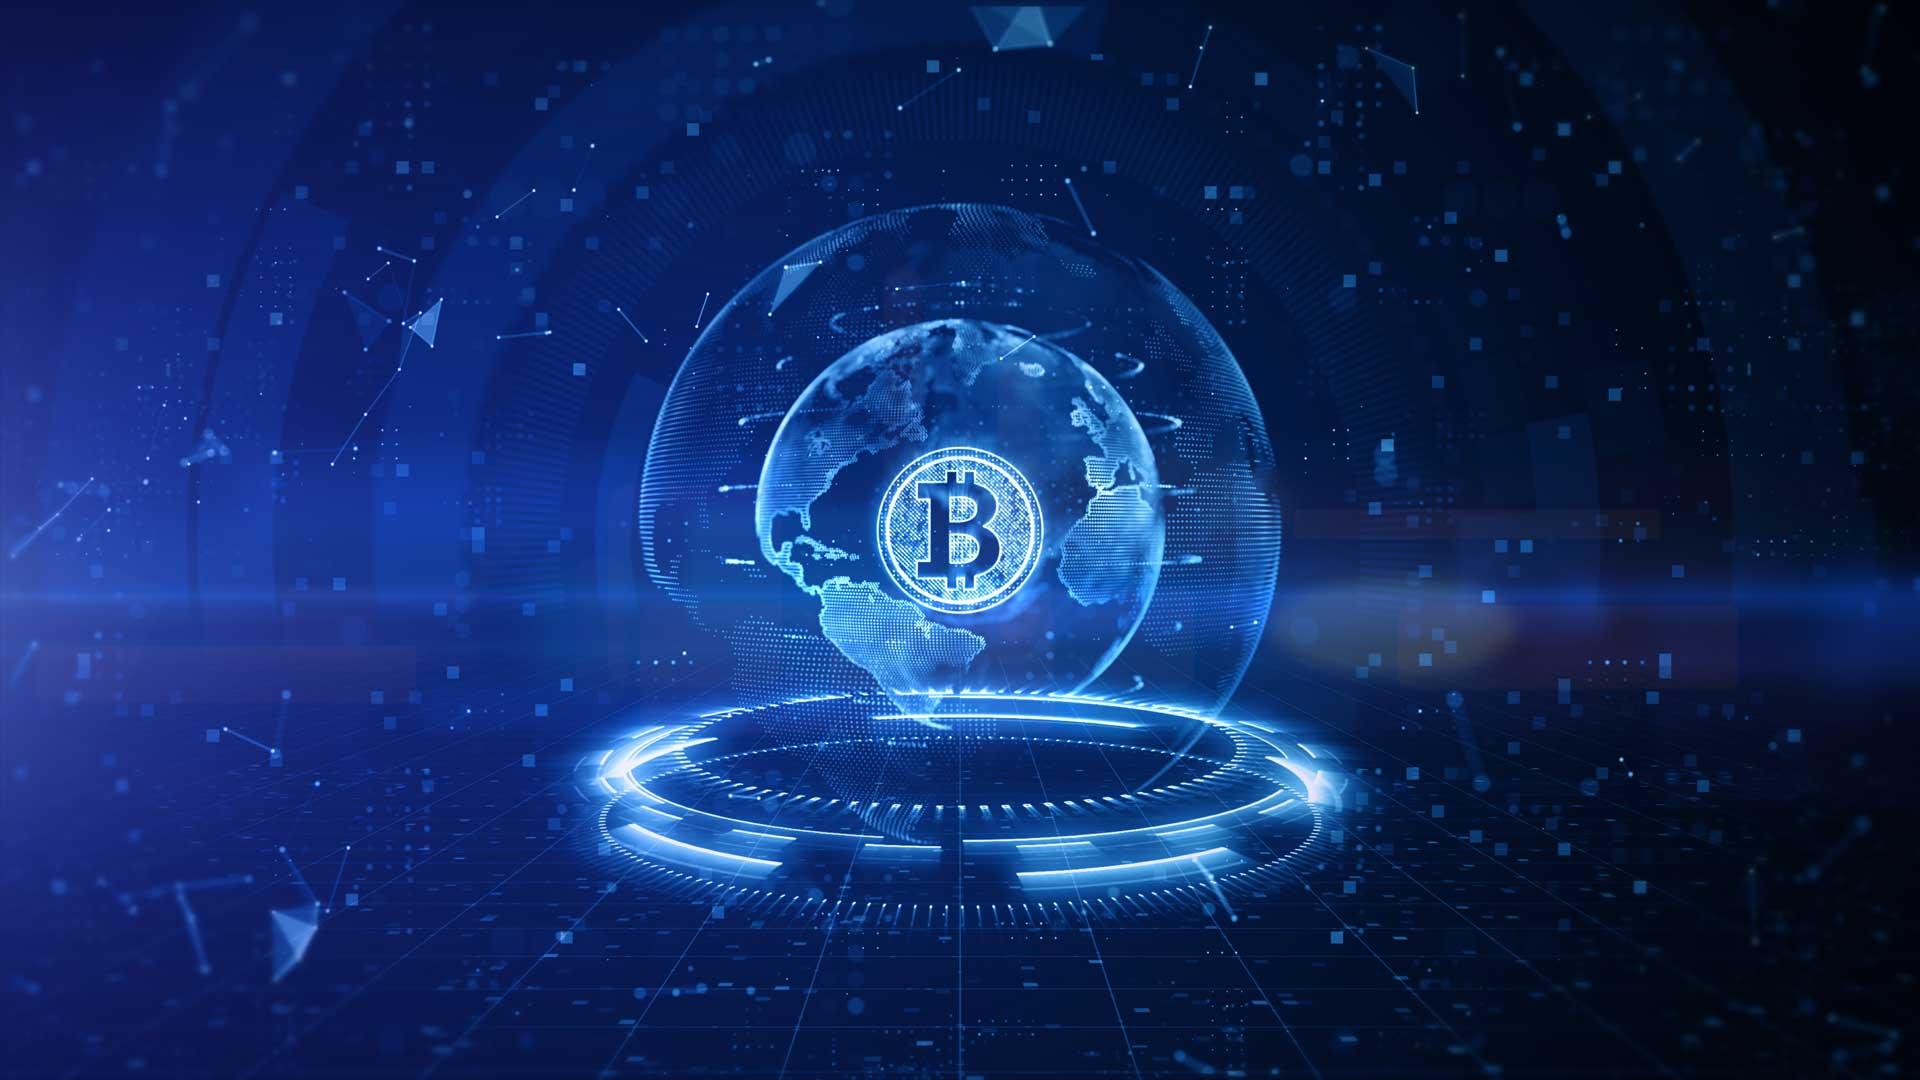 come è il mercato bitcoin oggi